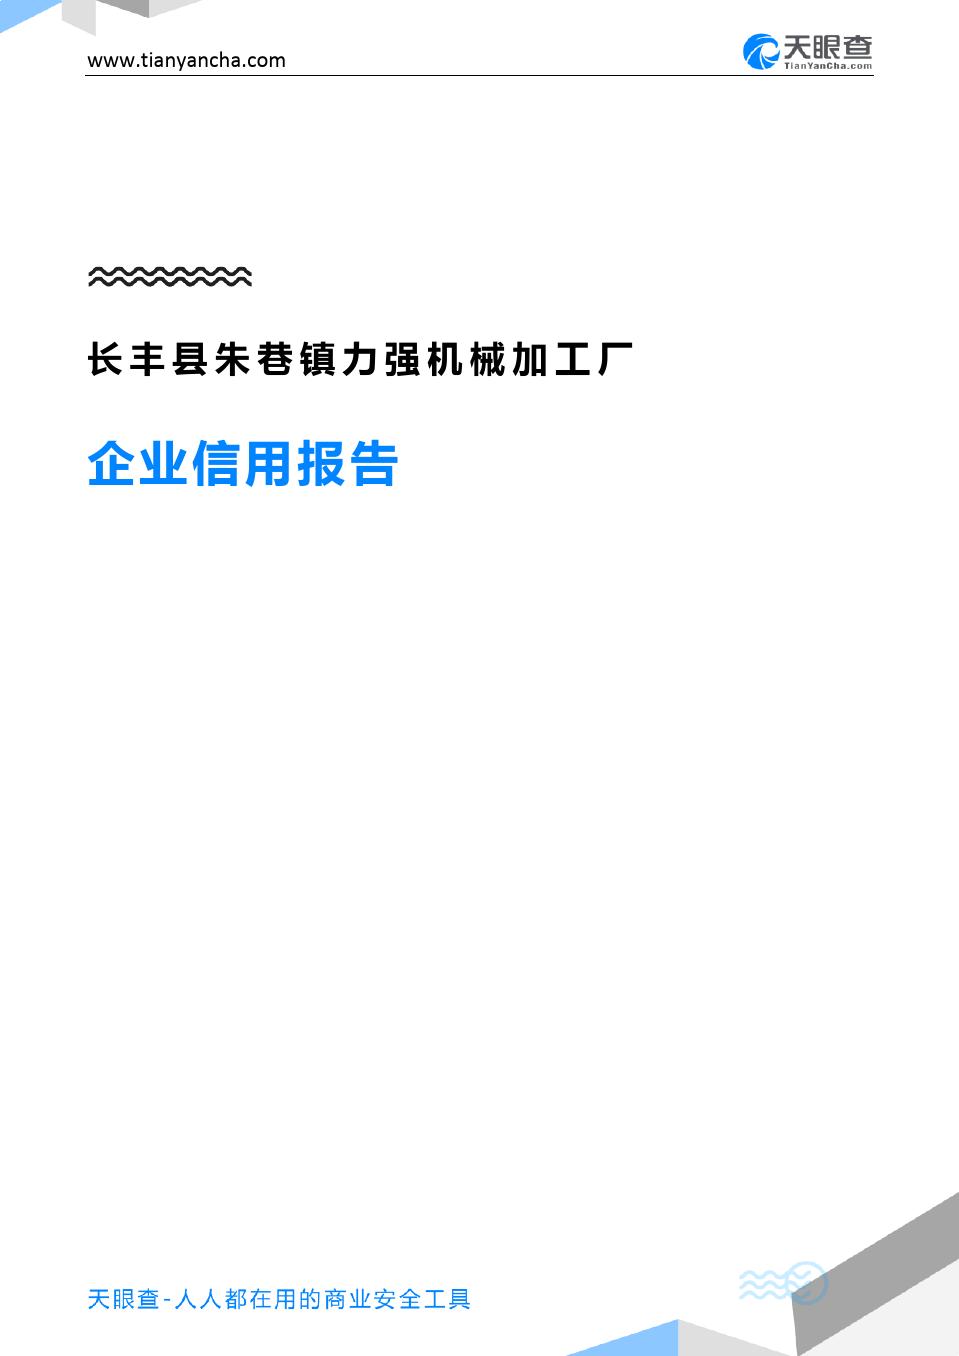 長豐縣朱巷鎮力強機械加工廠(企業信用報告)- 天眼查